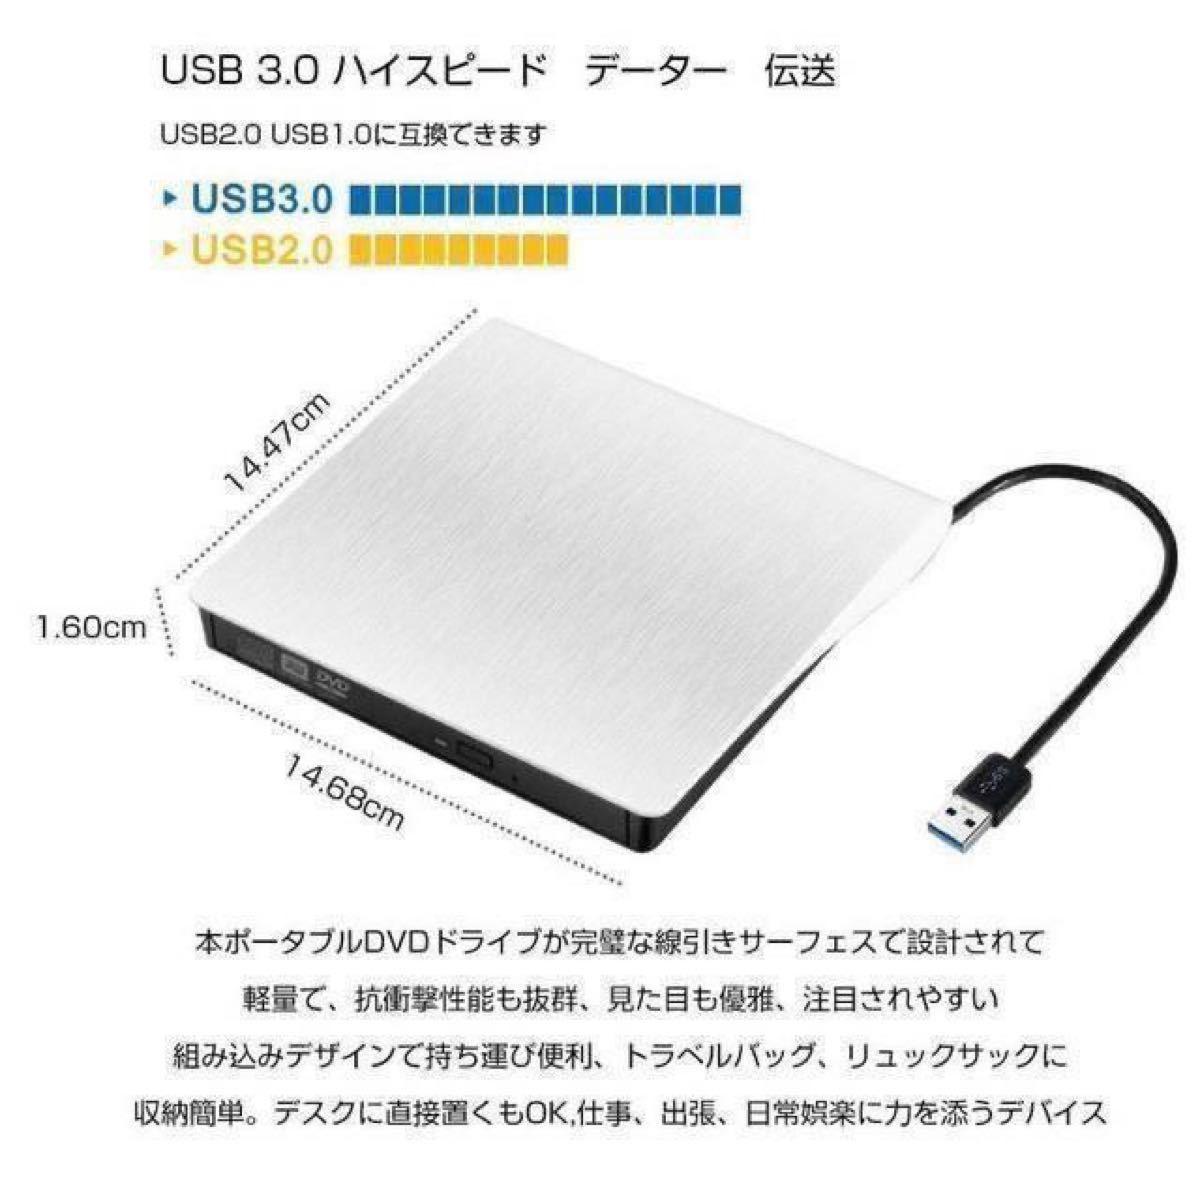 外付けDVDドライブ DVD USB3.0 ポータブル